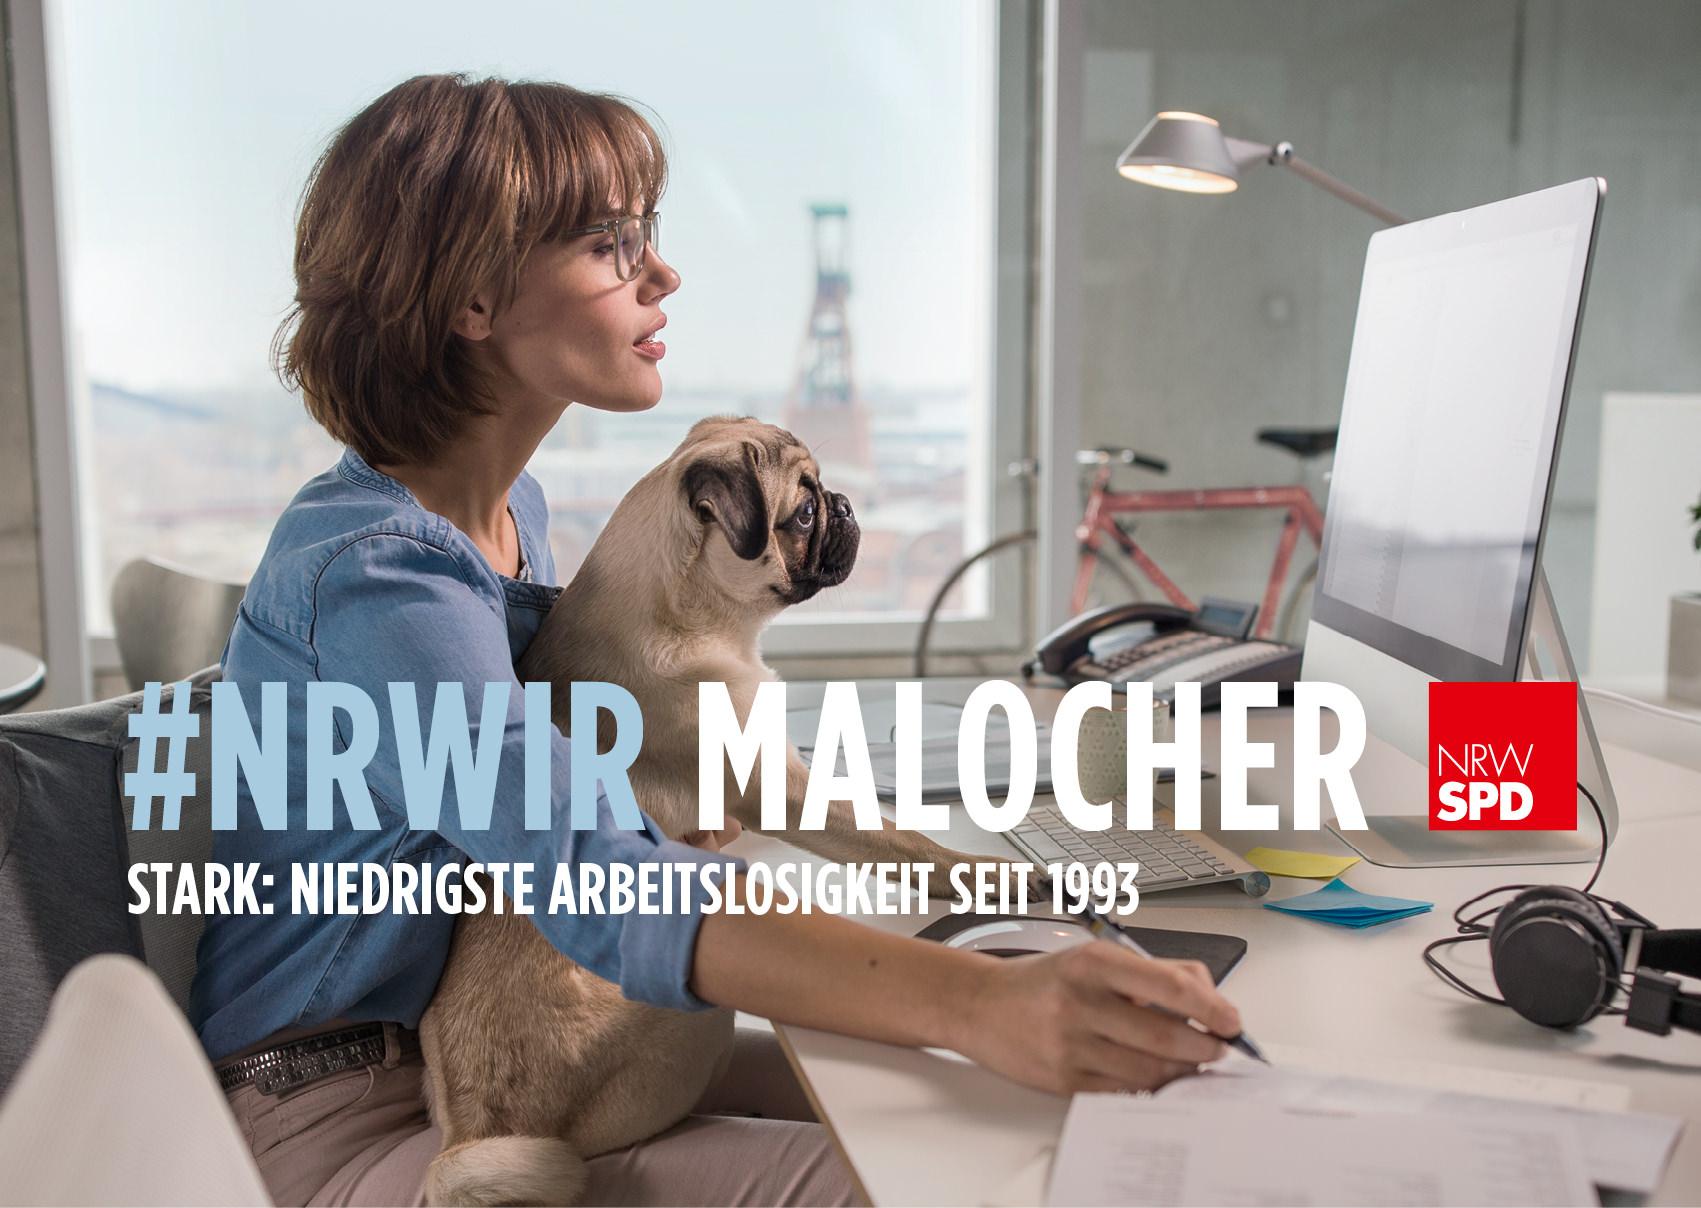 """Frau mit einem Mops arbeitet an einem Mac darunter der Schriftzug """"#NRWIR Malocher - Stark: Niedrigste Arbeitslosigkeit seit 1993"""""""